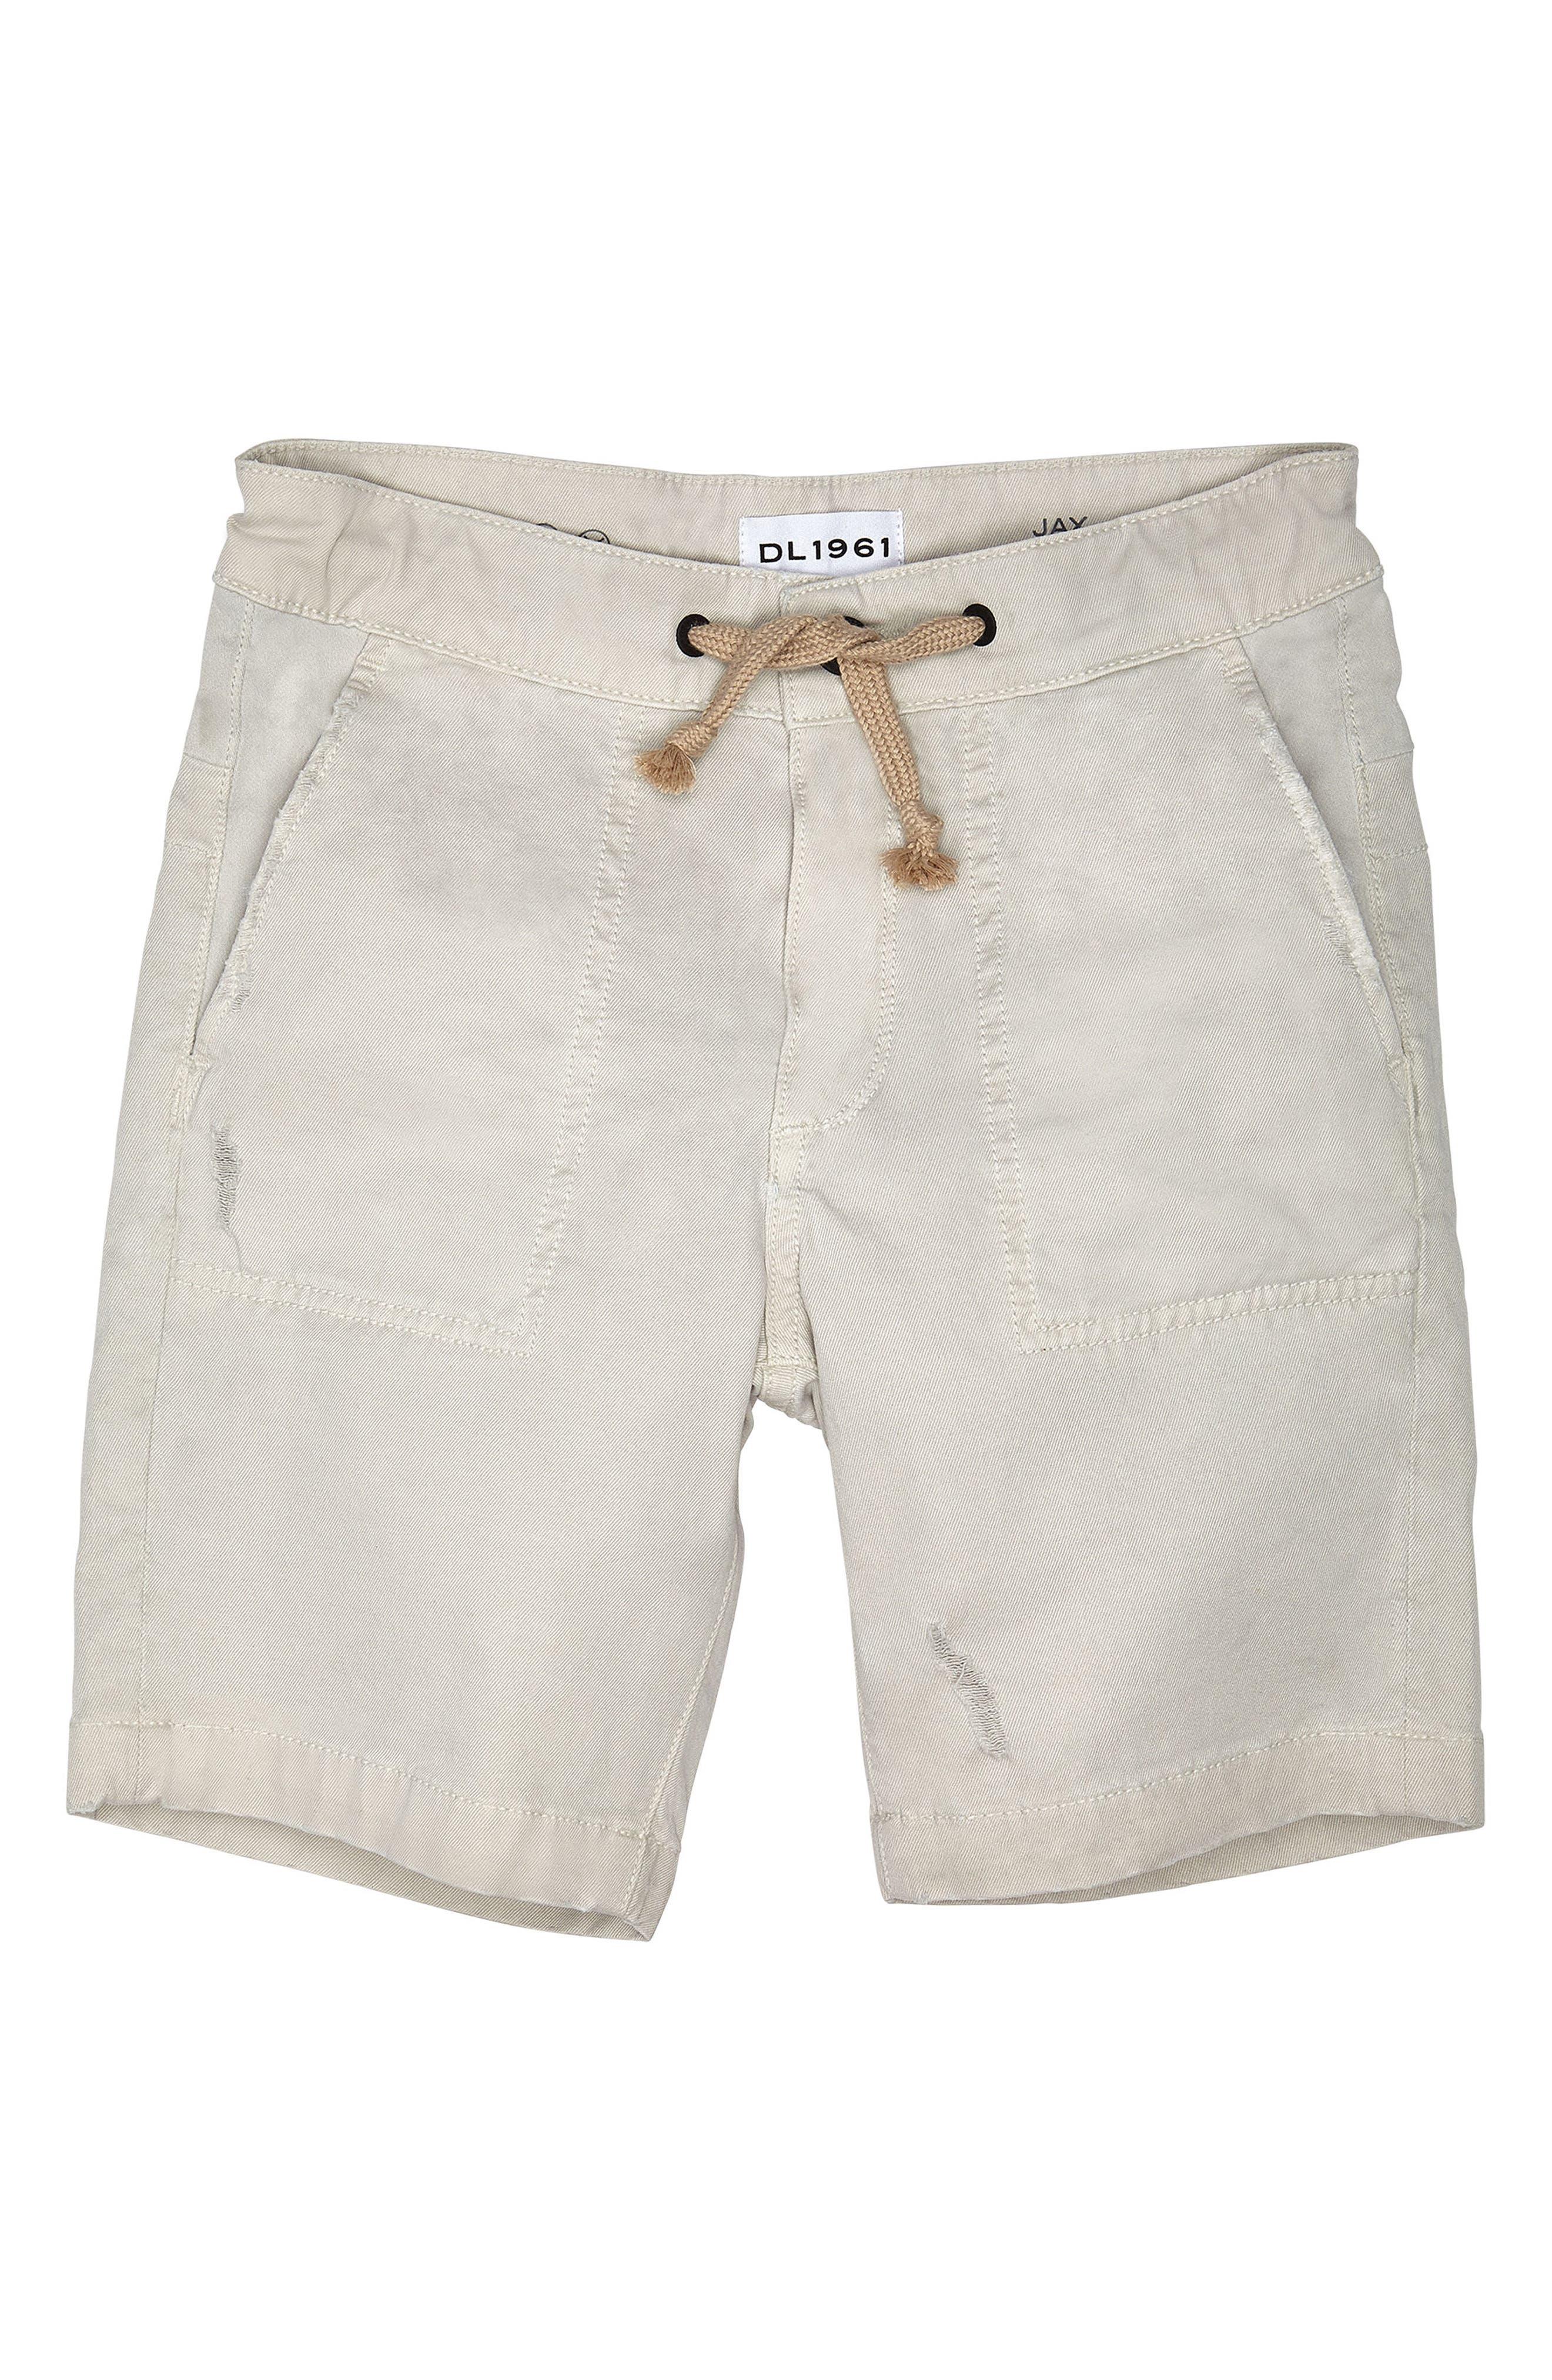 DL1961 Jax Utility Shorts (Big Boys)